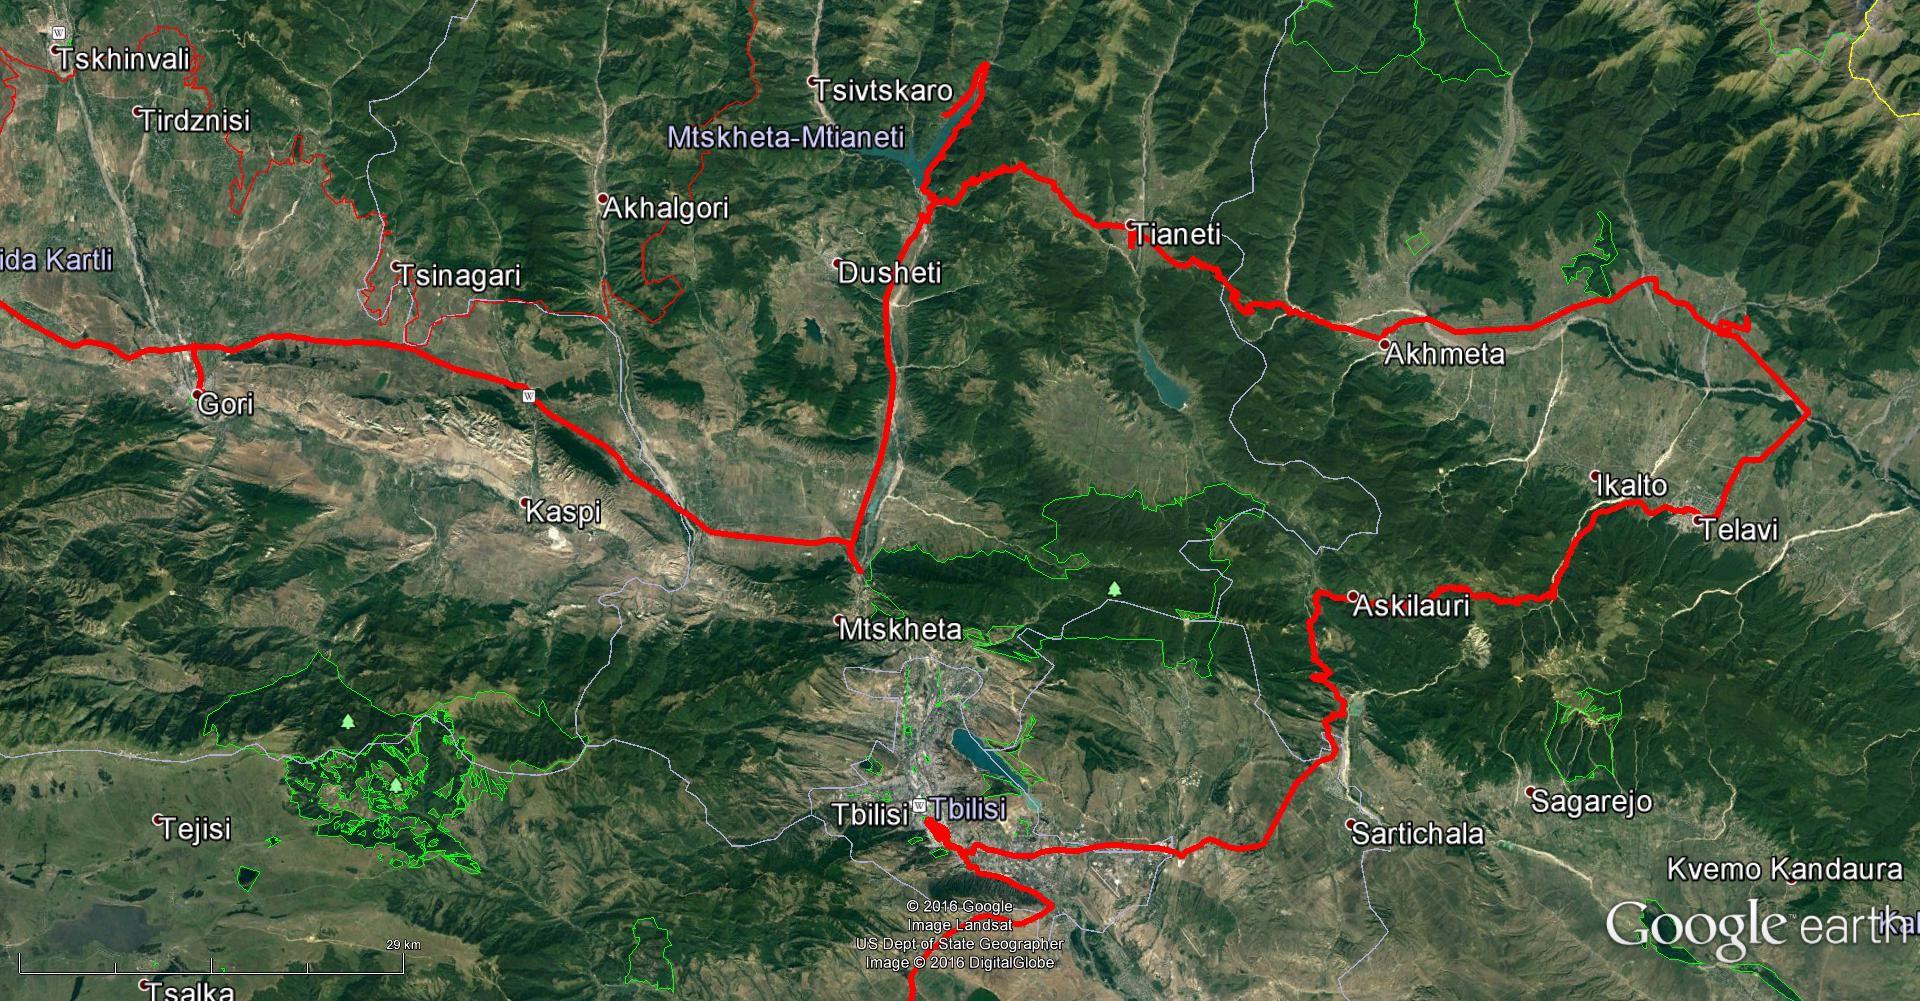 مسیر سفر ما در ارمنستان - تابستان 1395